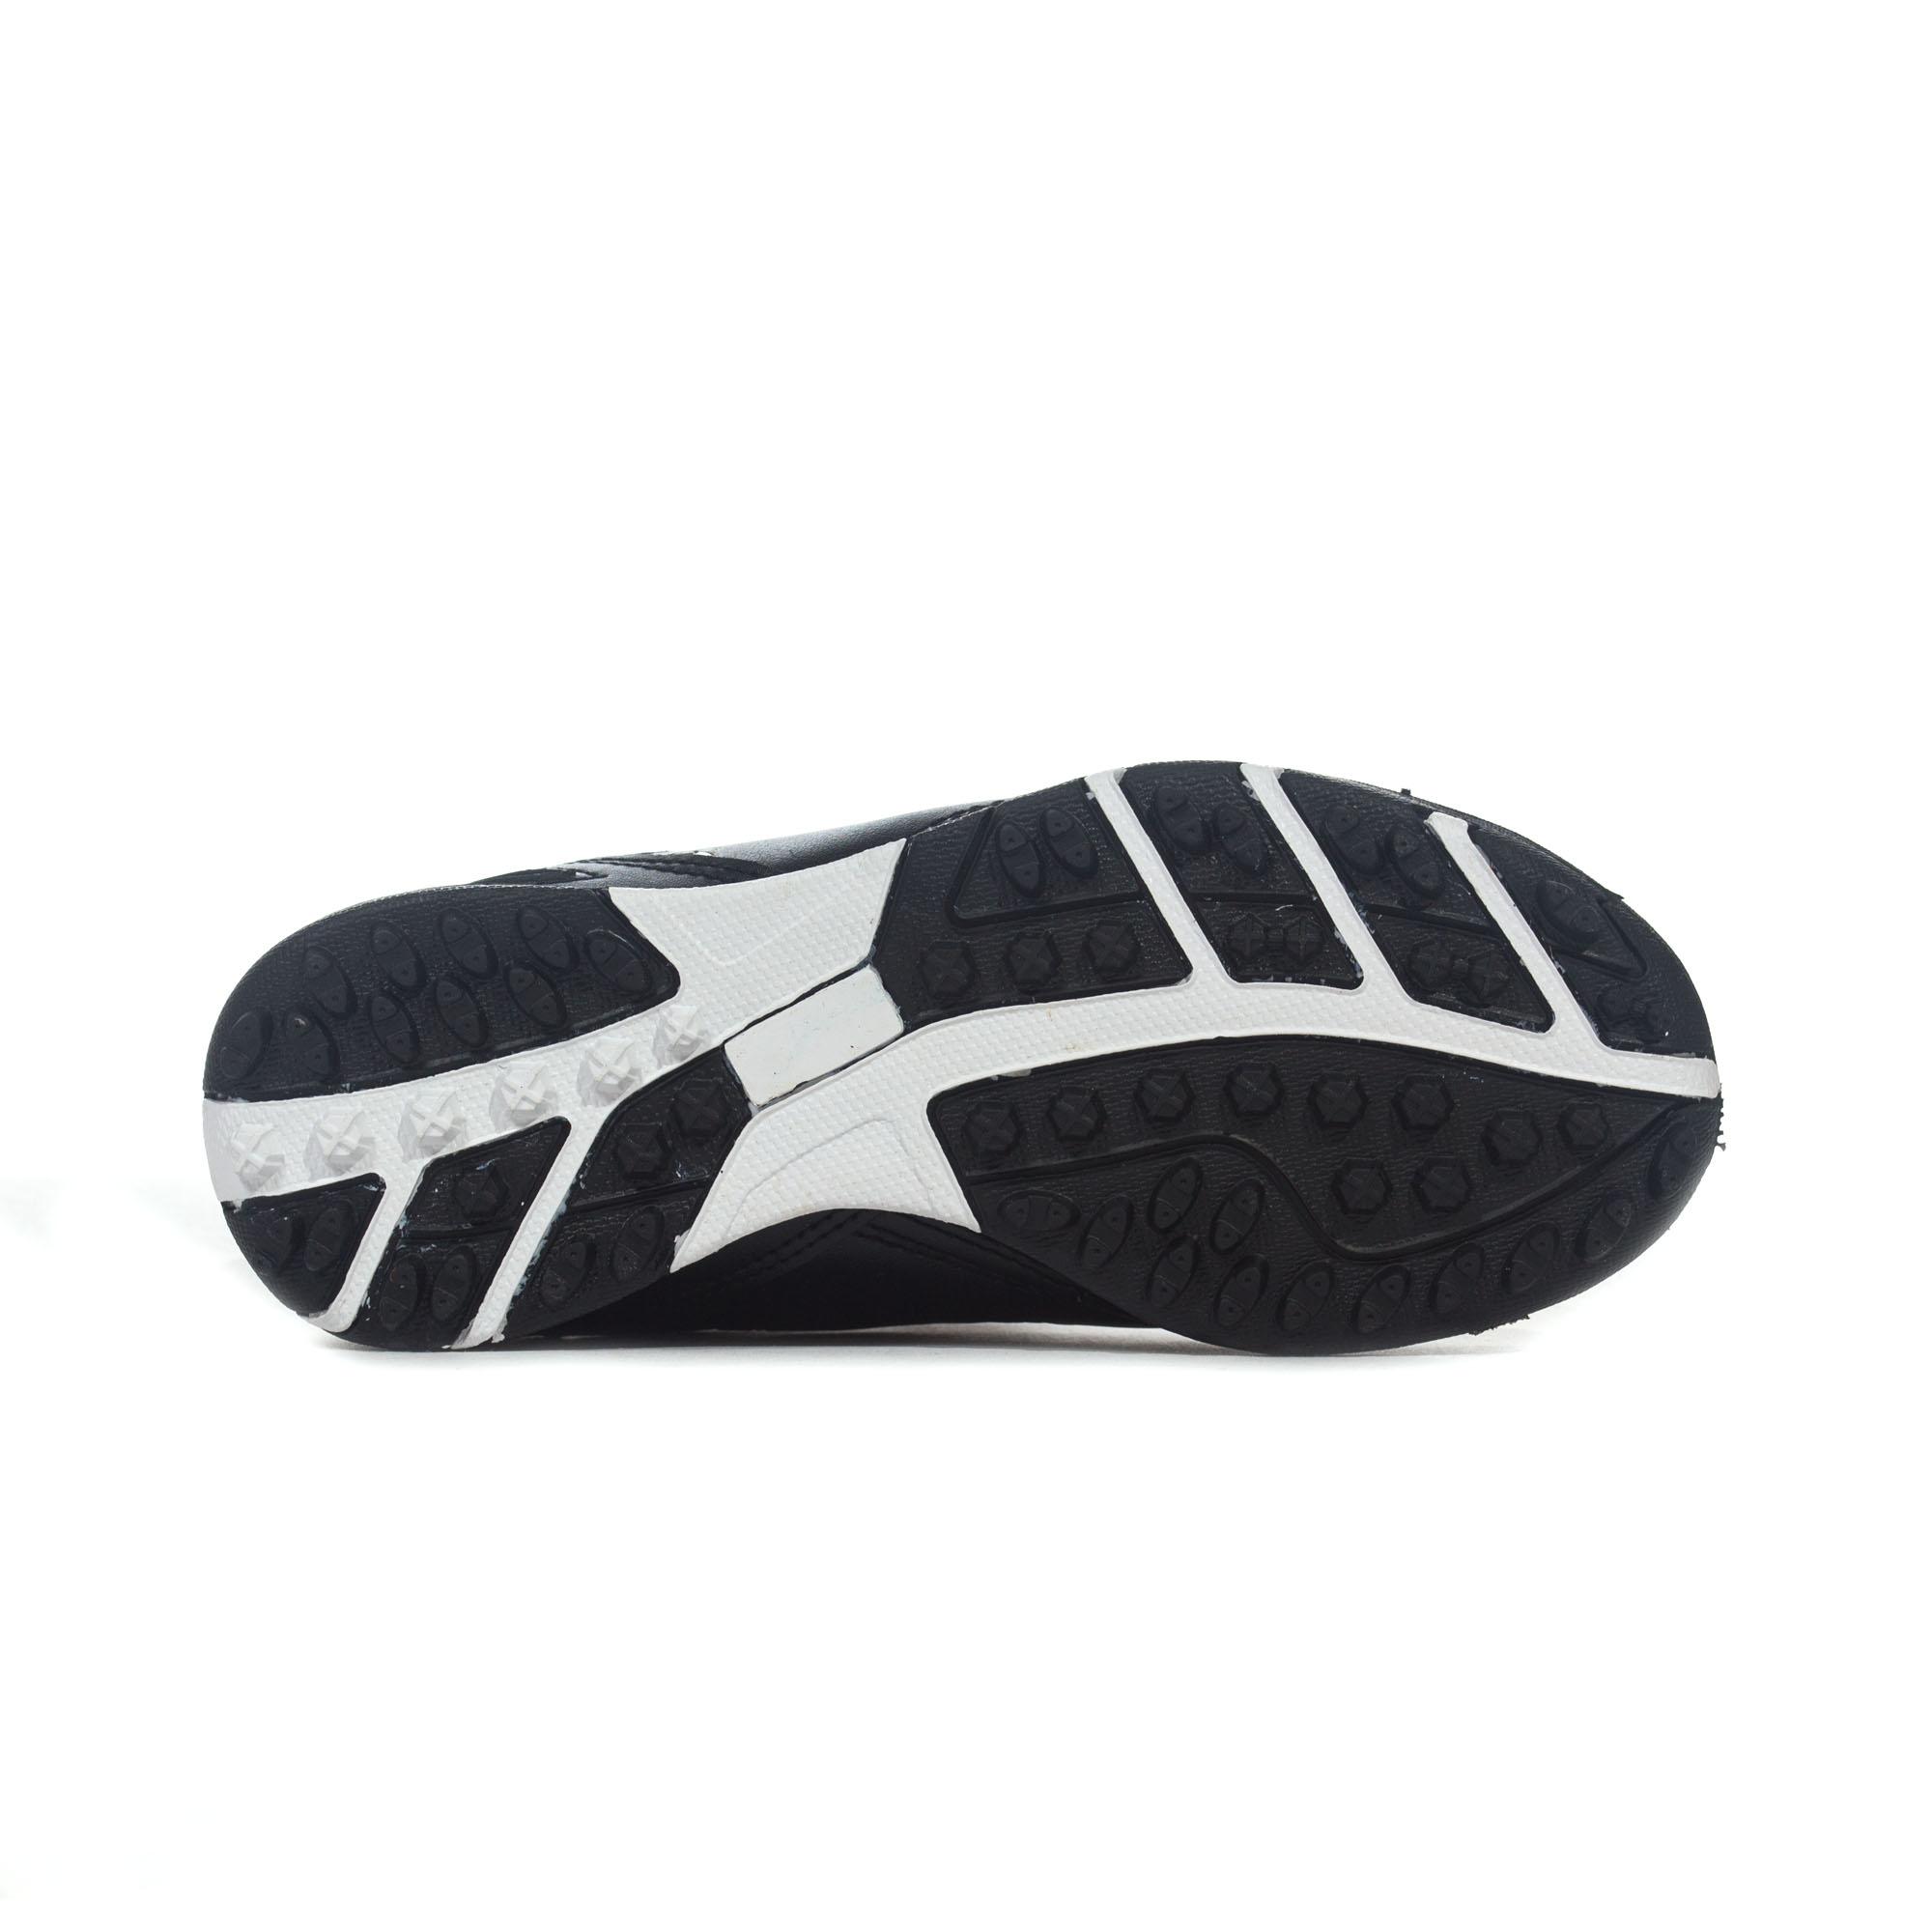 Optimum-rasoir-Bracelet-moule-Enfants-Astro-Turf-Basket-Chaussure-Noir-Argent miniature 7